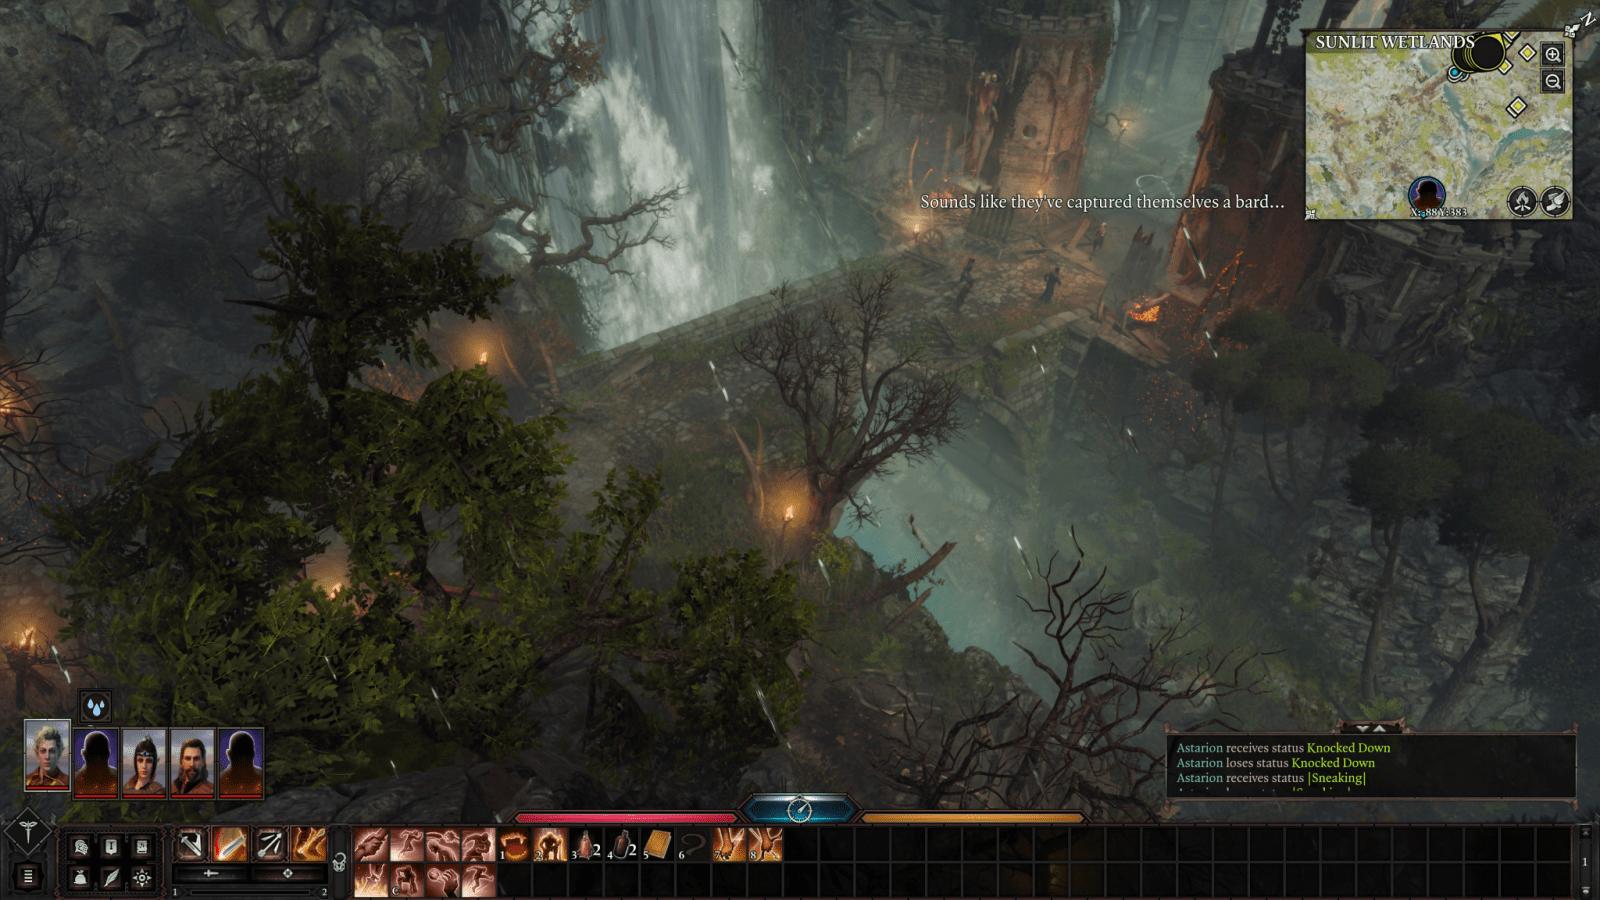 В сети появились первые скриншоты Baldur's Gate 3 (6c5e12264d4da4ab1ea0980566cbf2bf)